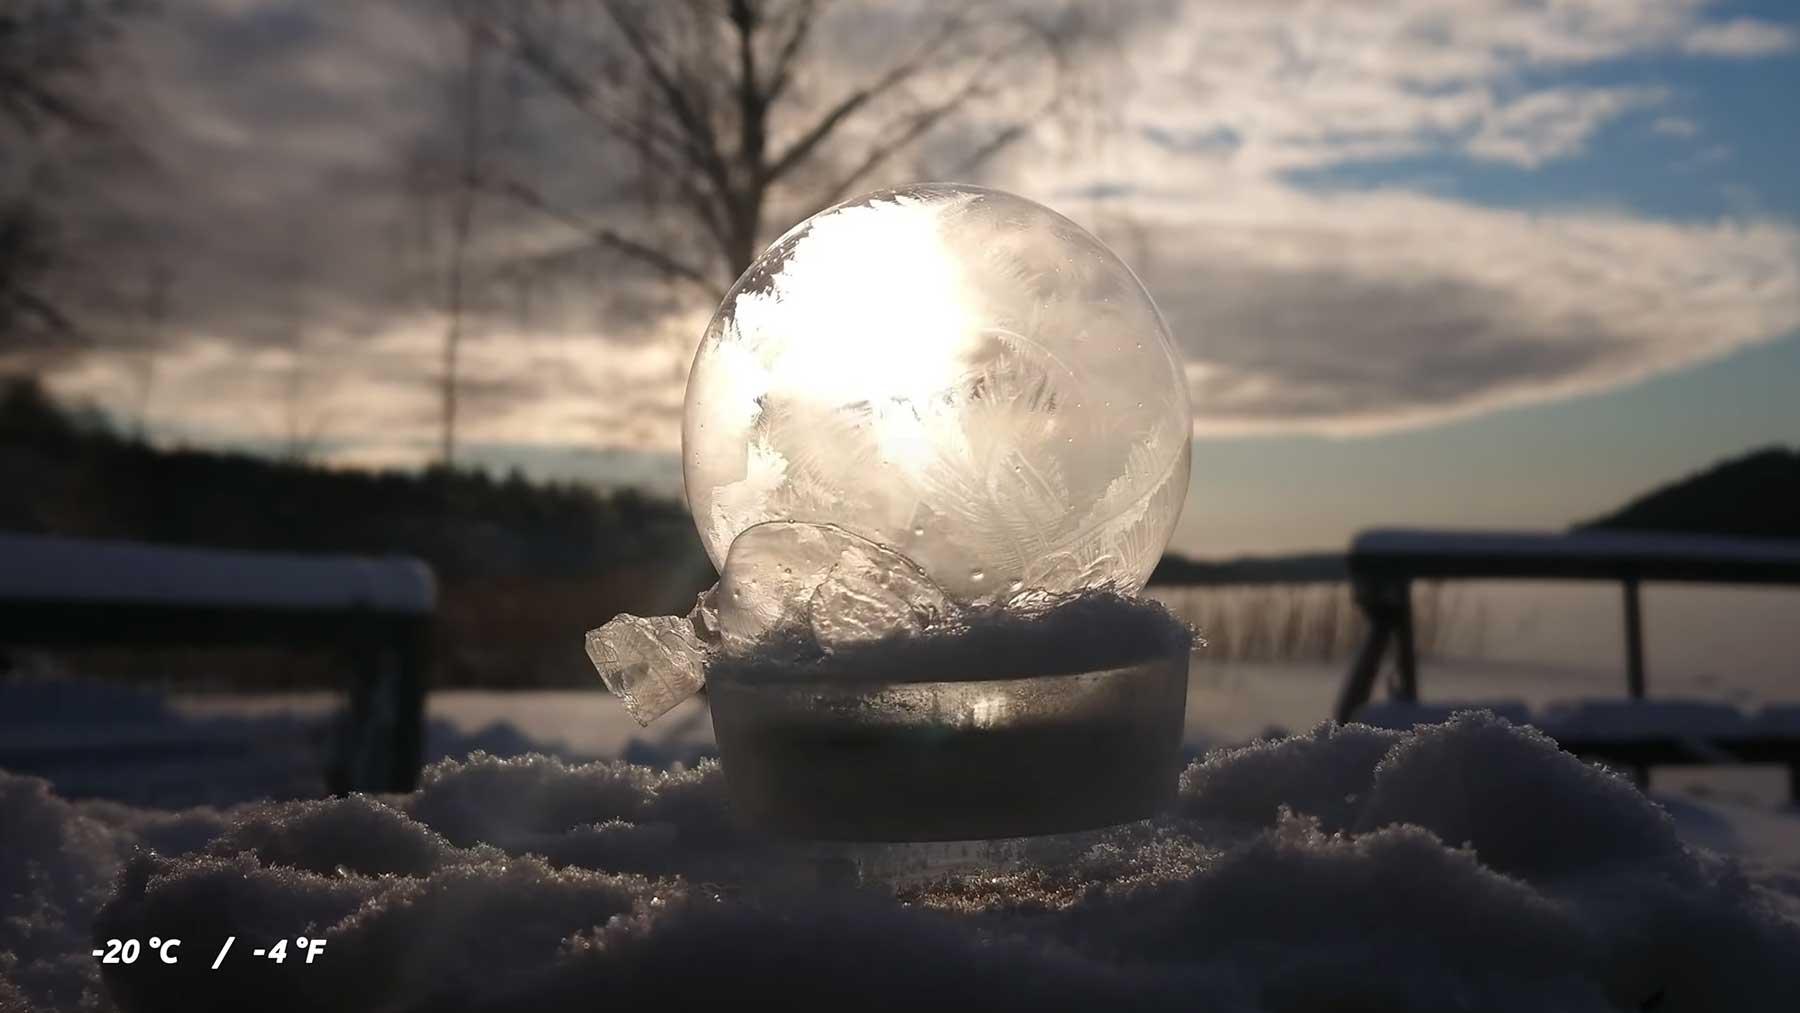 Auf Magneten schwebende und einfrierende Seifenblasen Ice-Crystallization-of-Soap-Bubbles